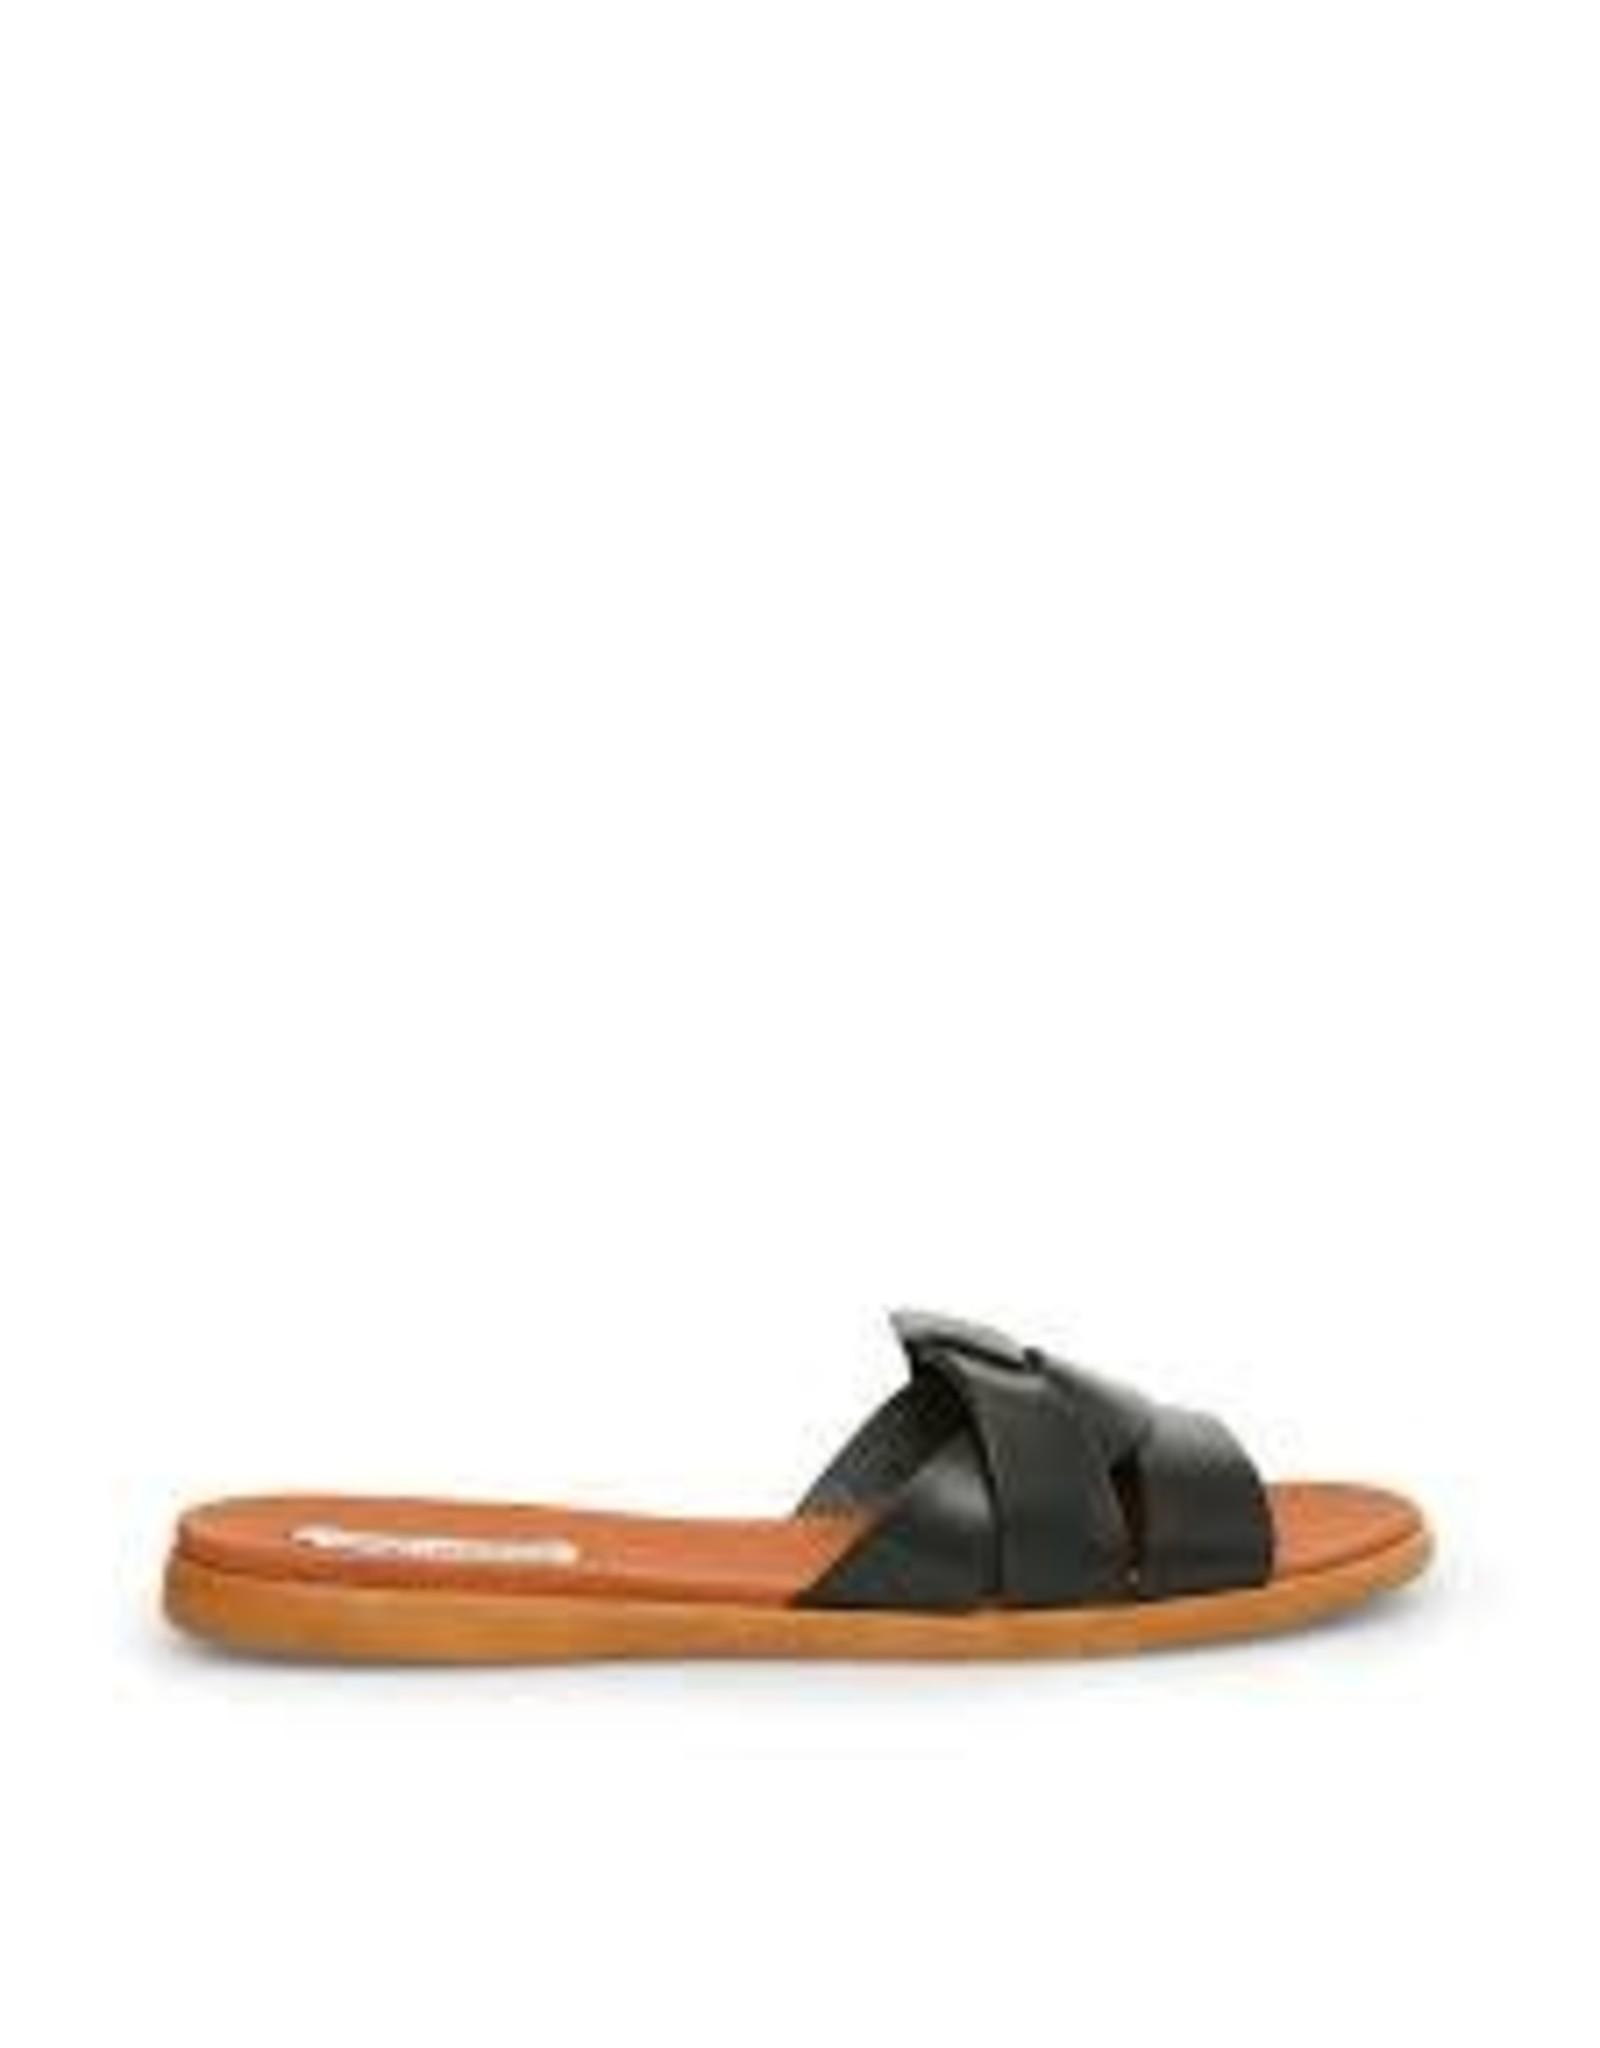 Steve Madden - Knot Sandal